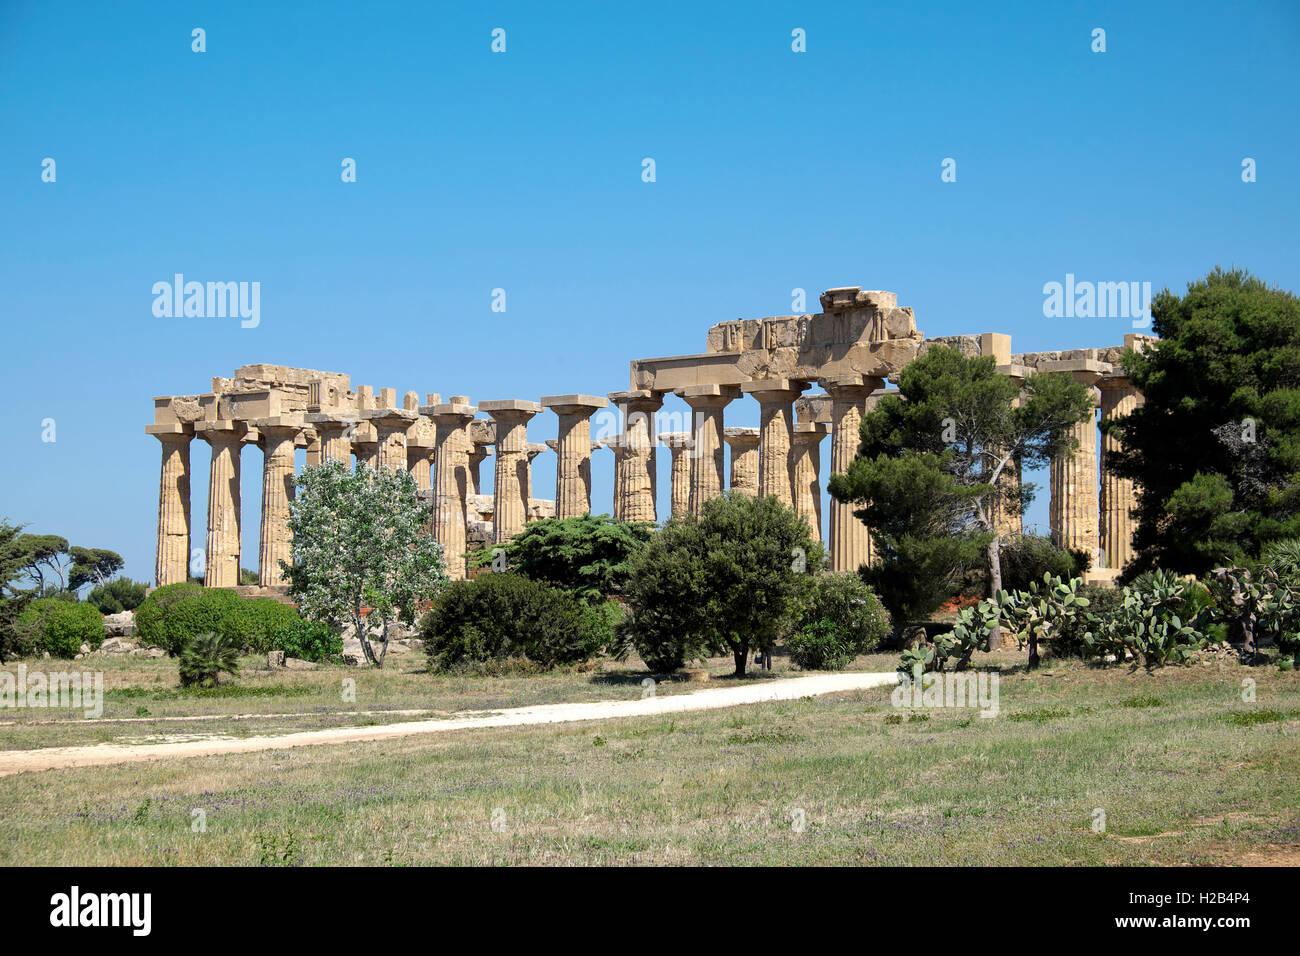 Ancien Temple grec E, Parc archéologique de Sélinonte, Sélinonte, Sicile, Italie Photo Stock